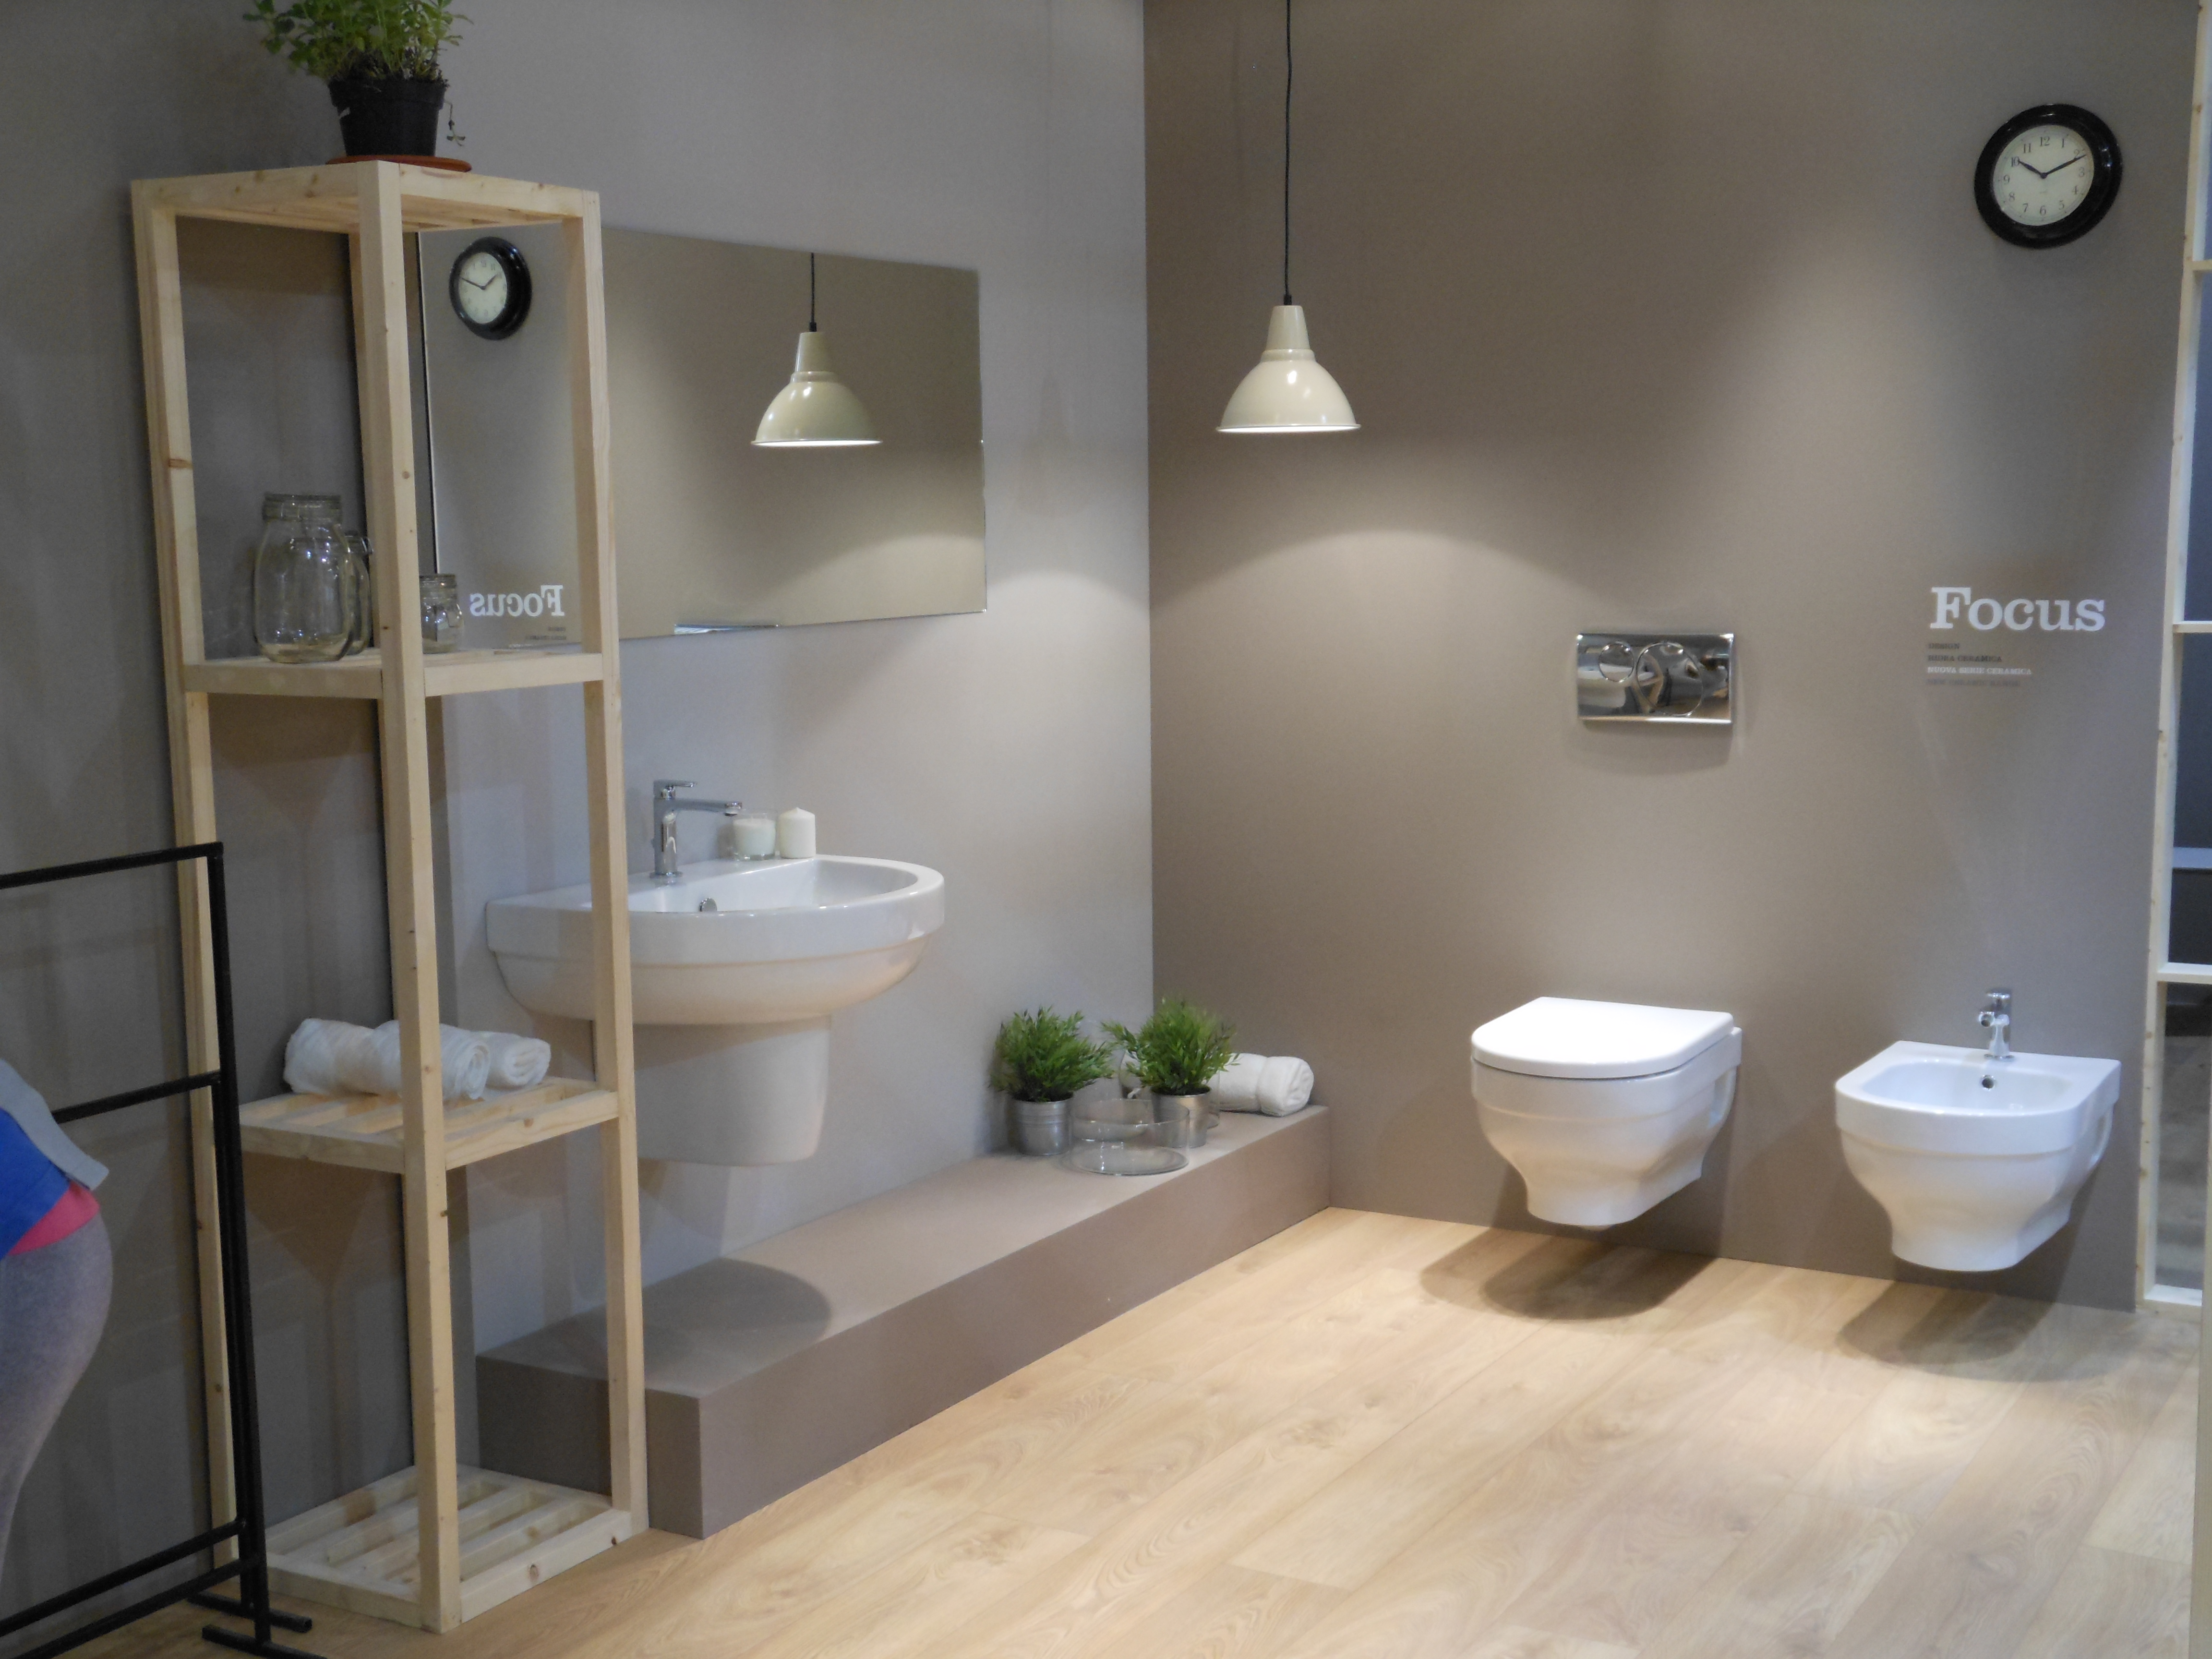 Il bagno in fondo a destra mayday casa blog e progetti for Portasalviette bagno design